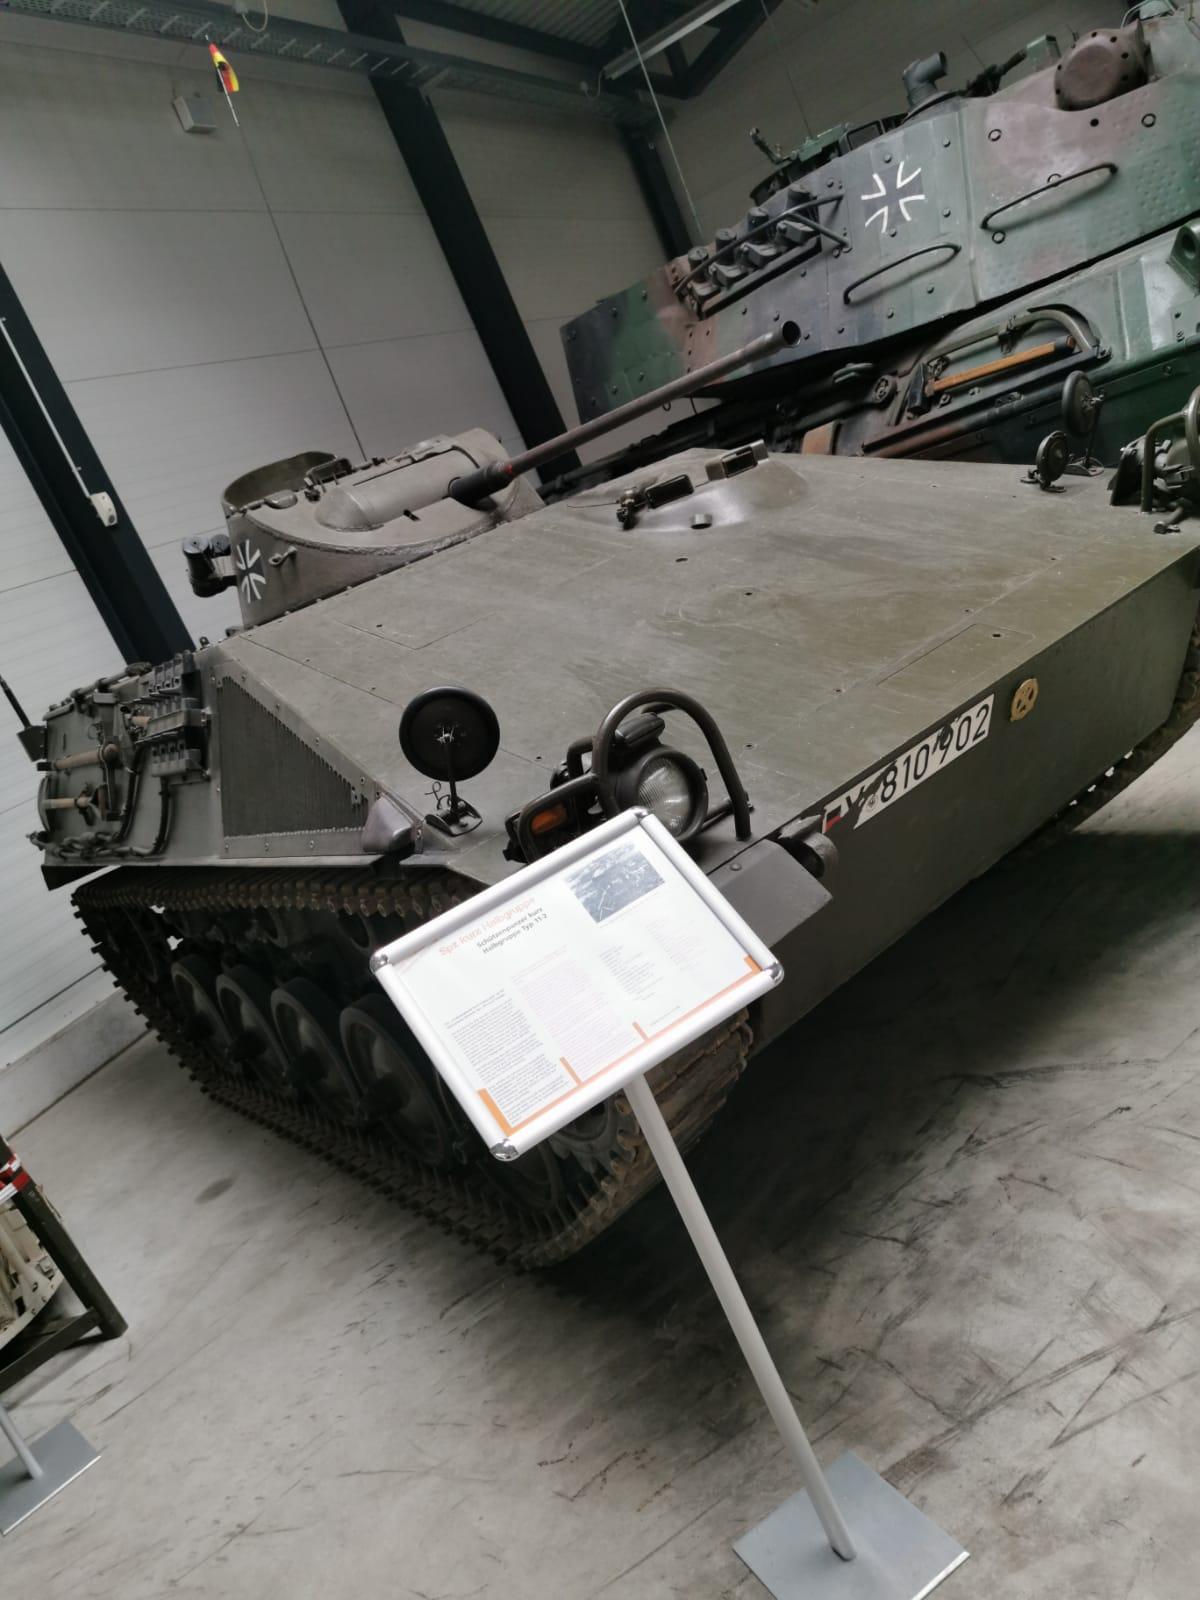 SPz-Kurz-Hotchkiss